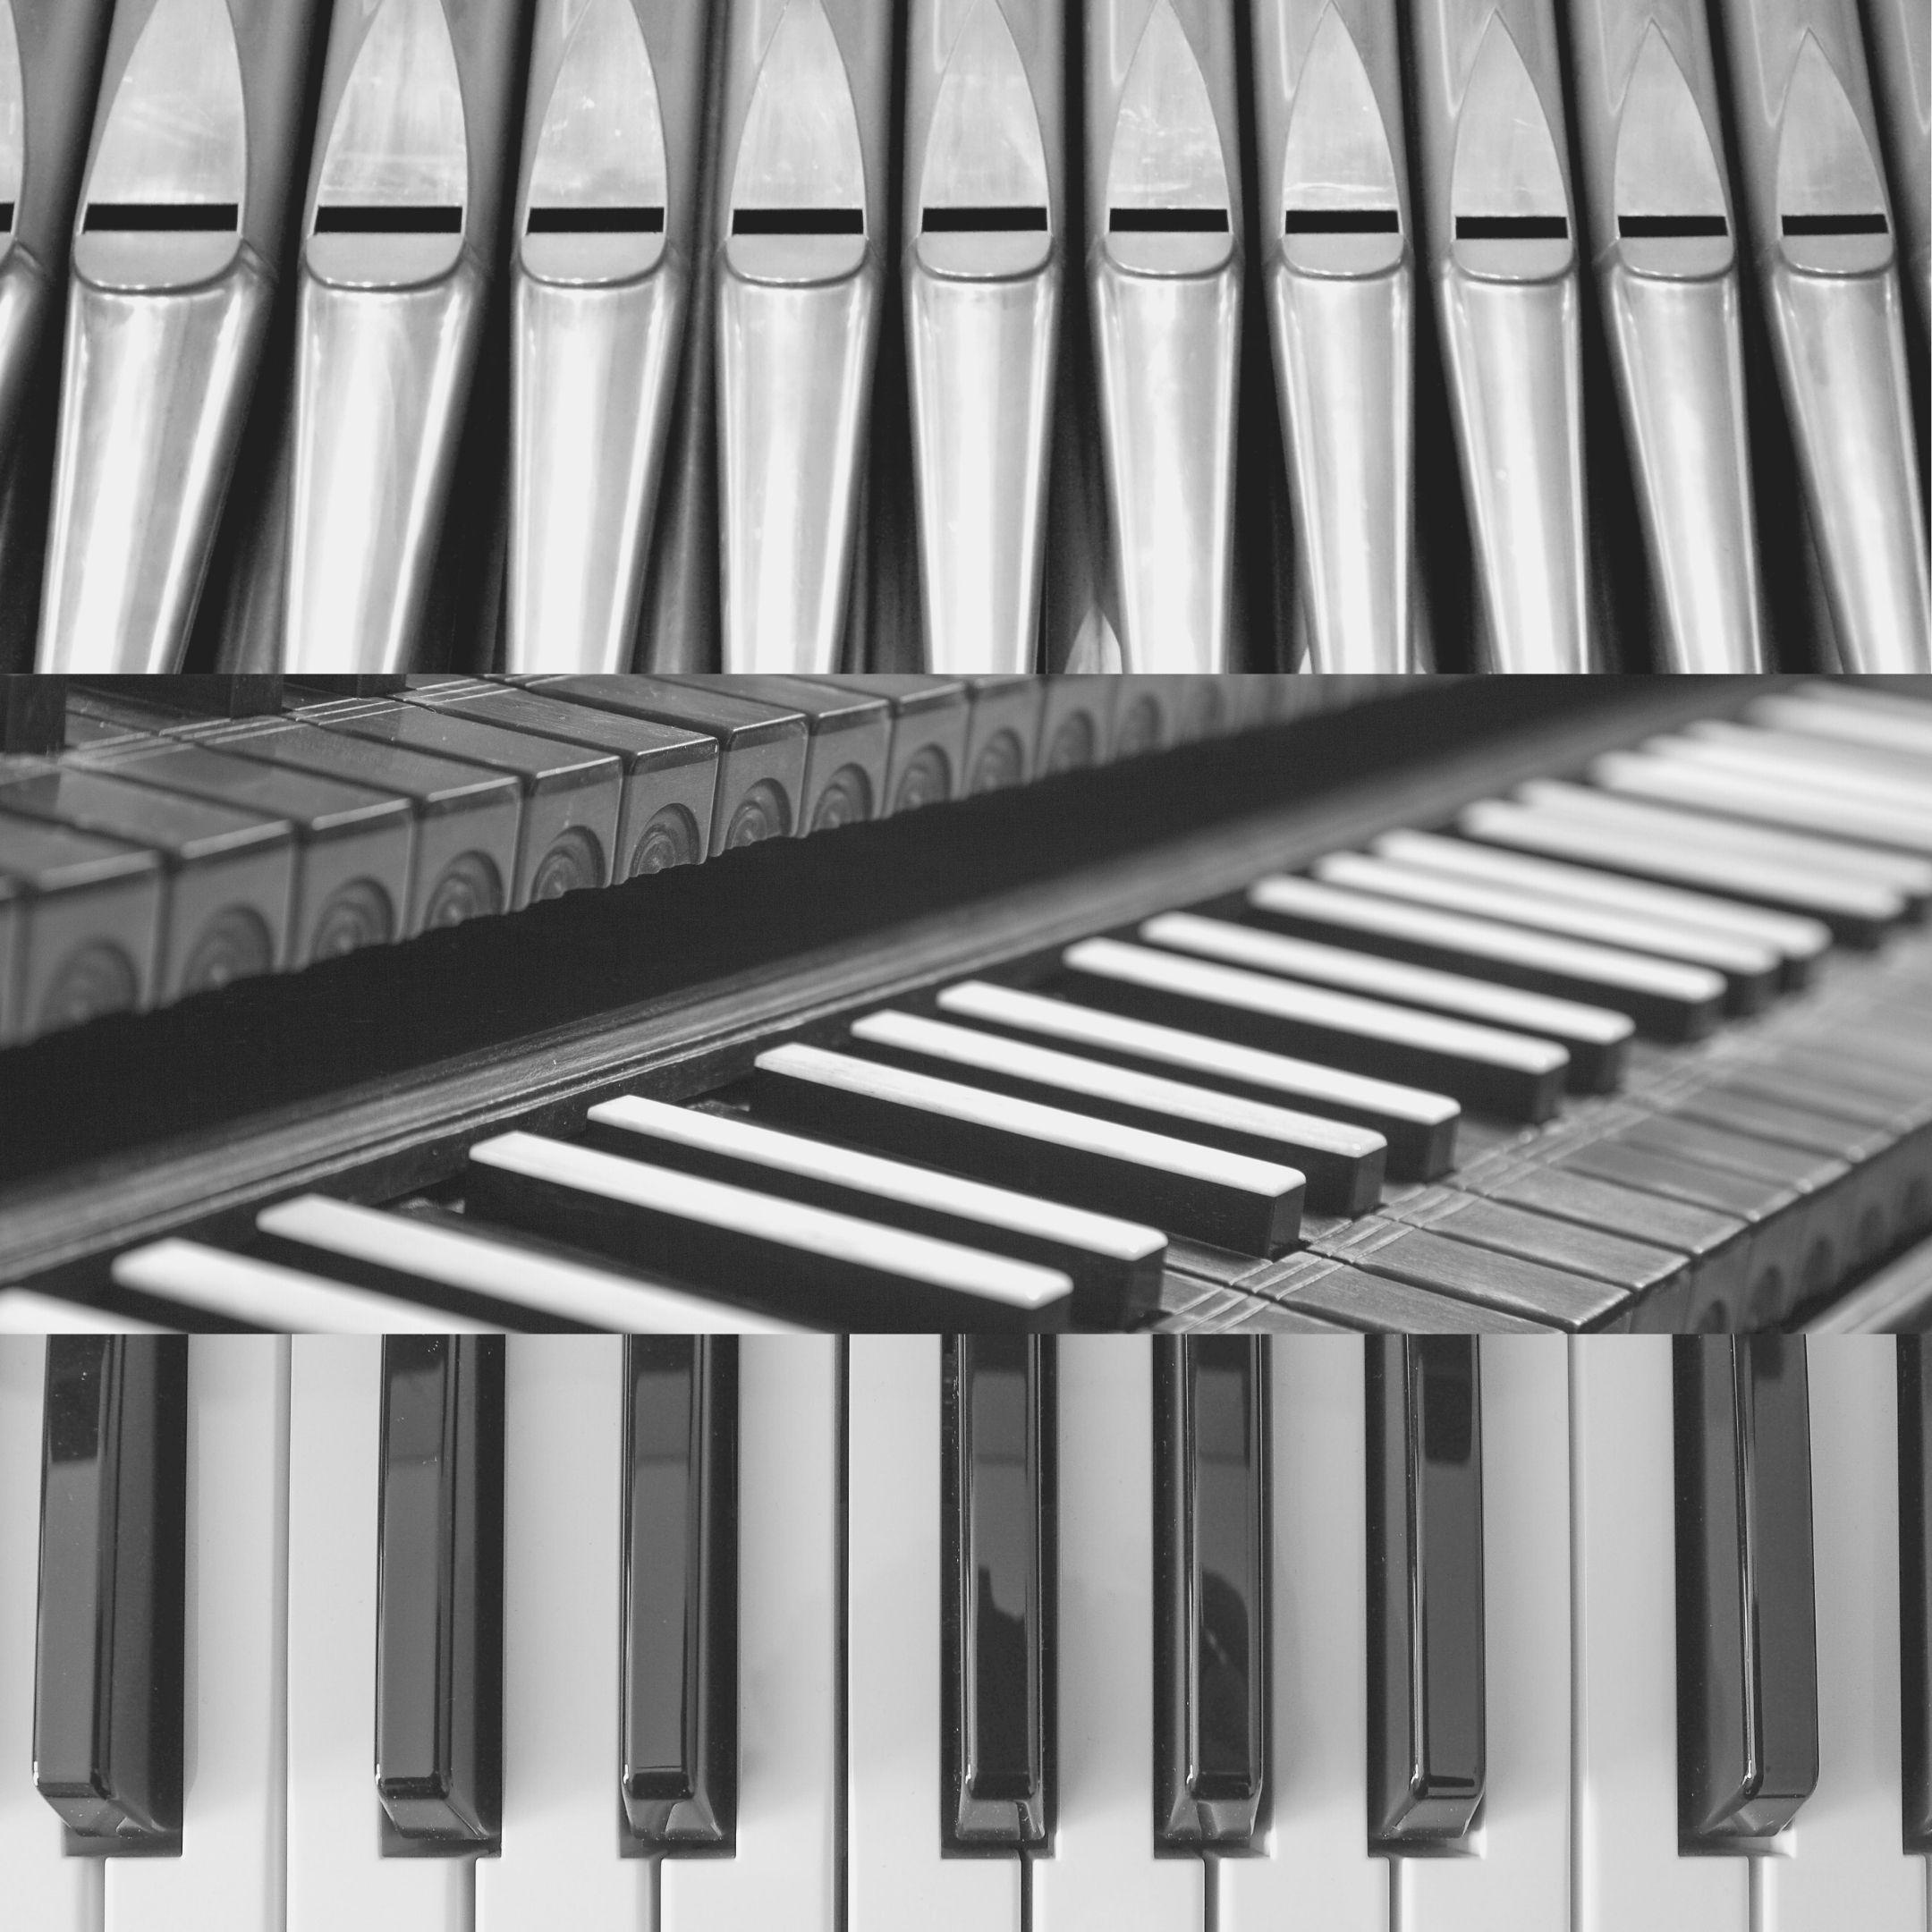 Diferença entre Órgão, Cravo e Piano.